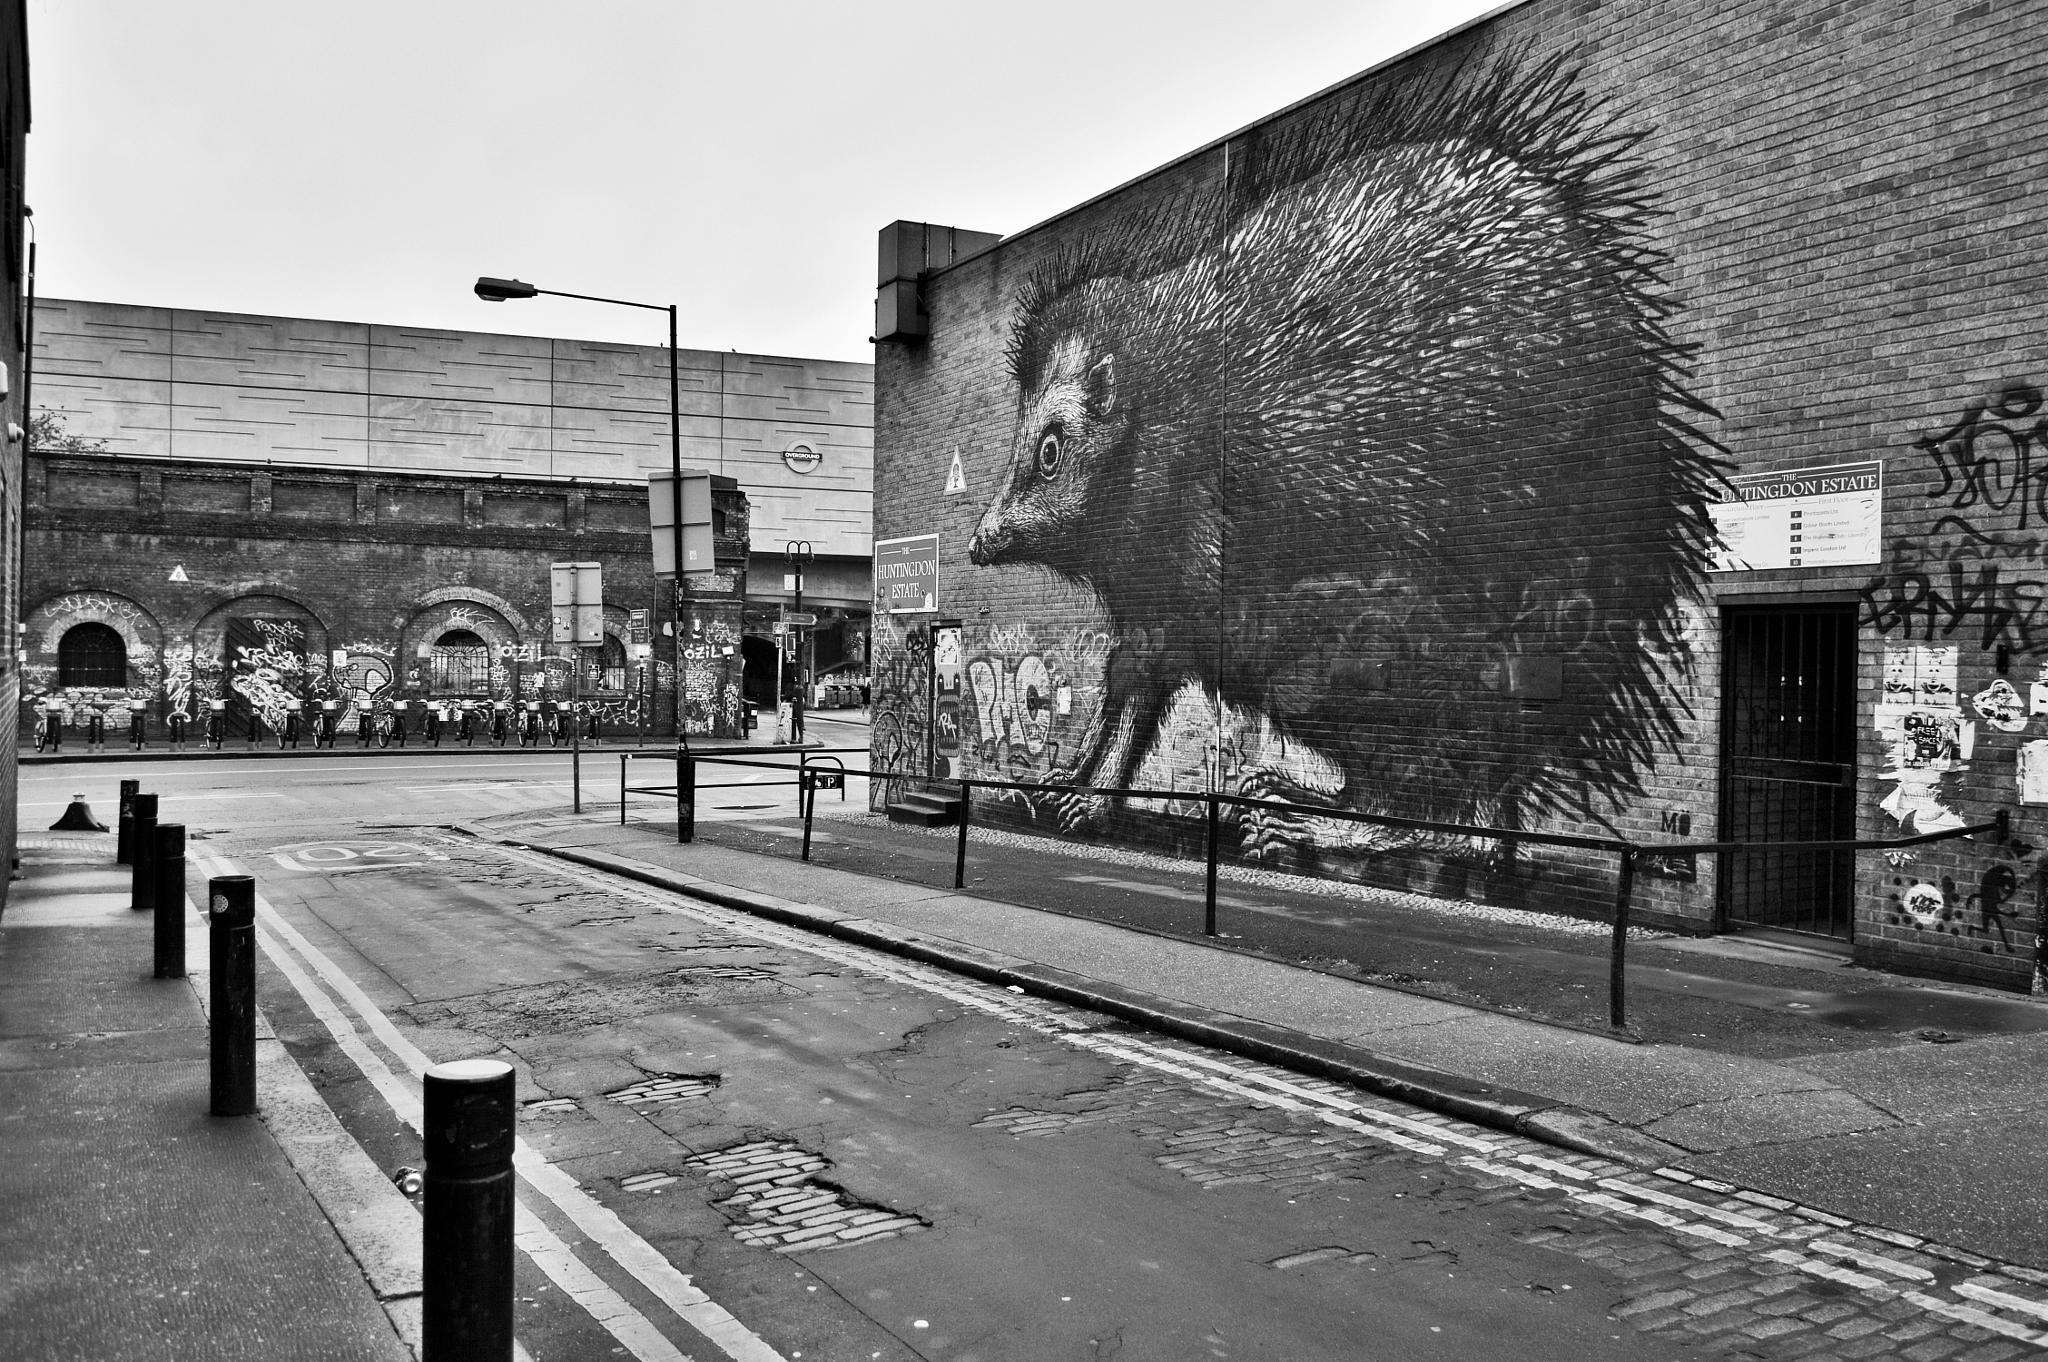 Shoreditch - London by maxsand68